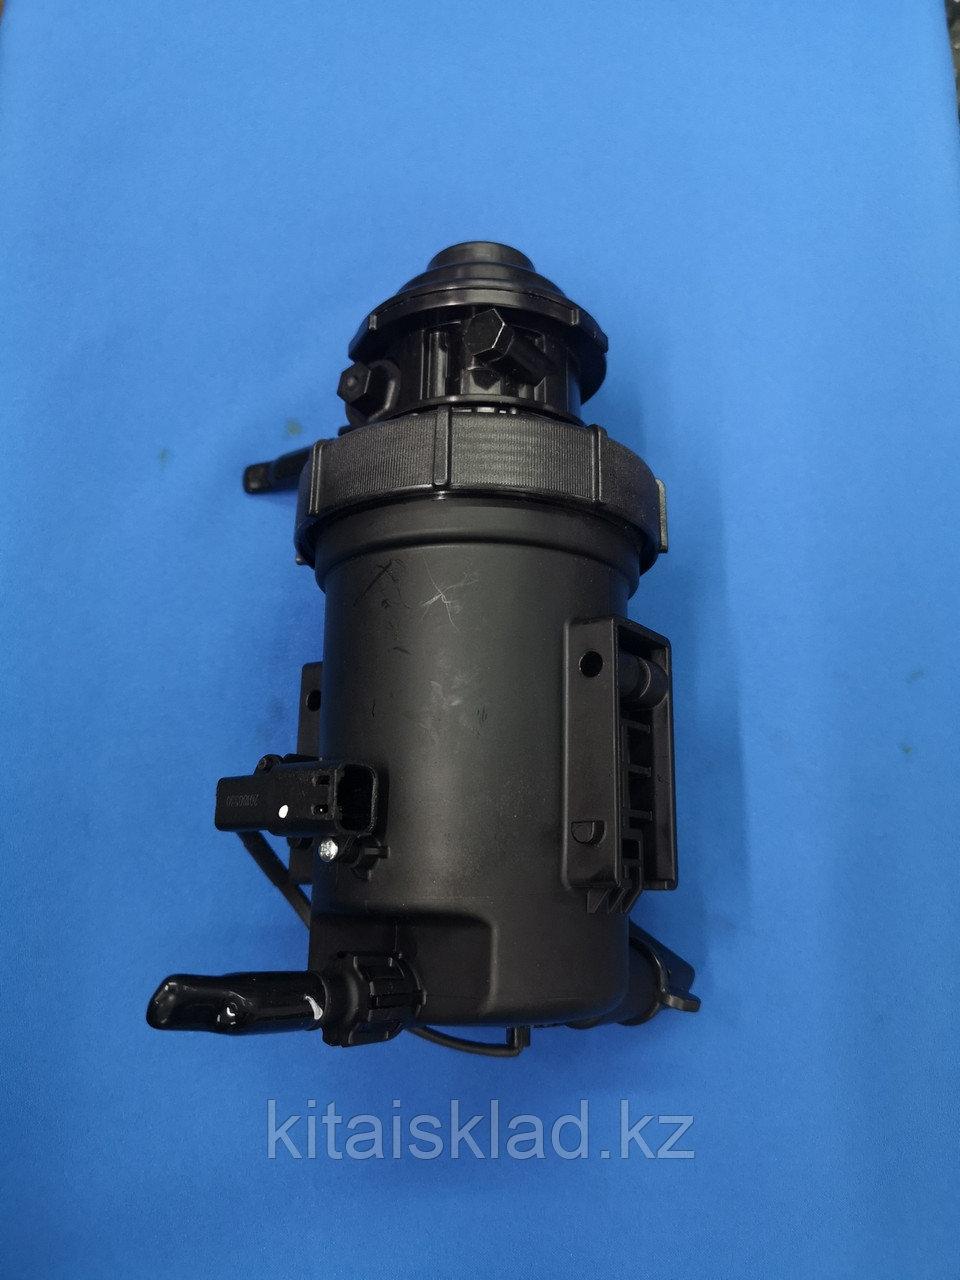 Подкачка 5297619 FH21076 FH21076 Топливный фильтр в сборе Cummins ISF2.8